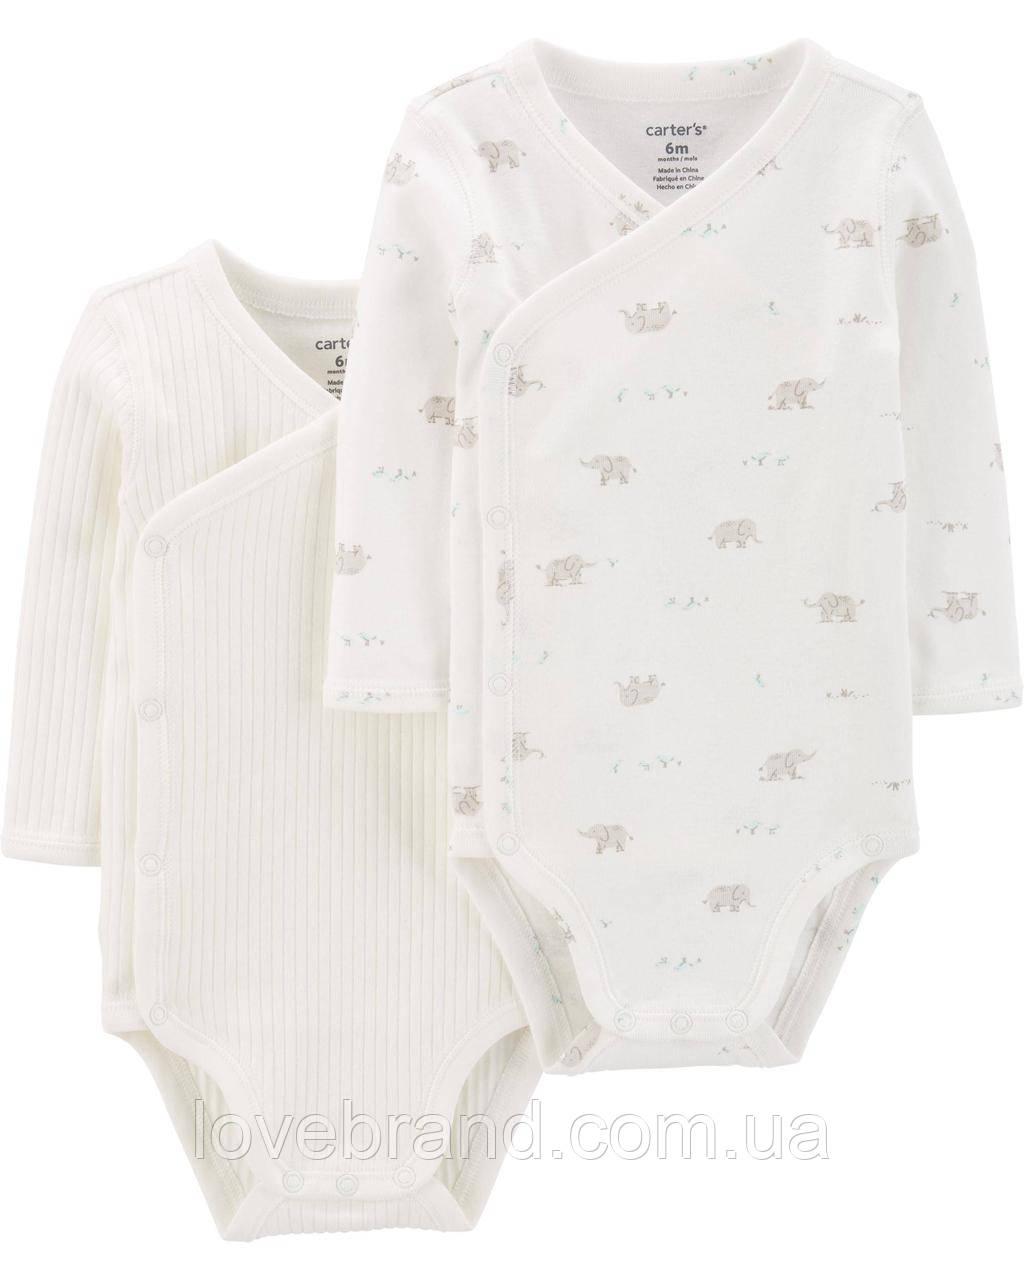 Бодики для новорожденого Carter's на длинный рукав, с заклепками на сторонку  3 мес/55-61 см